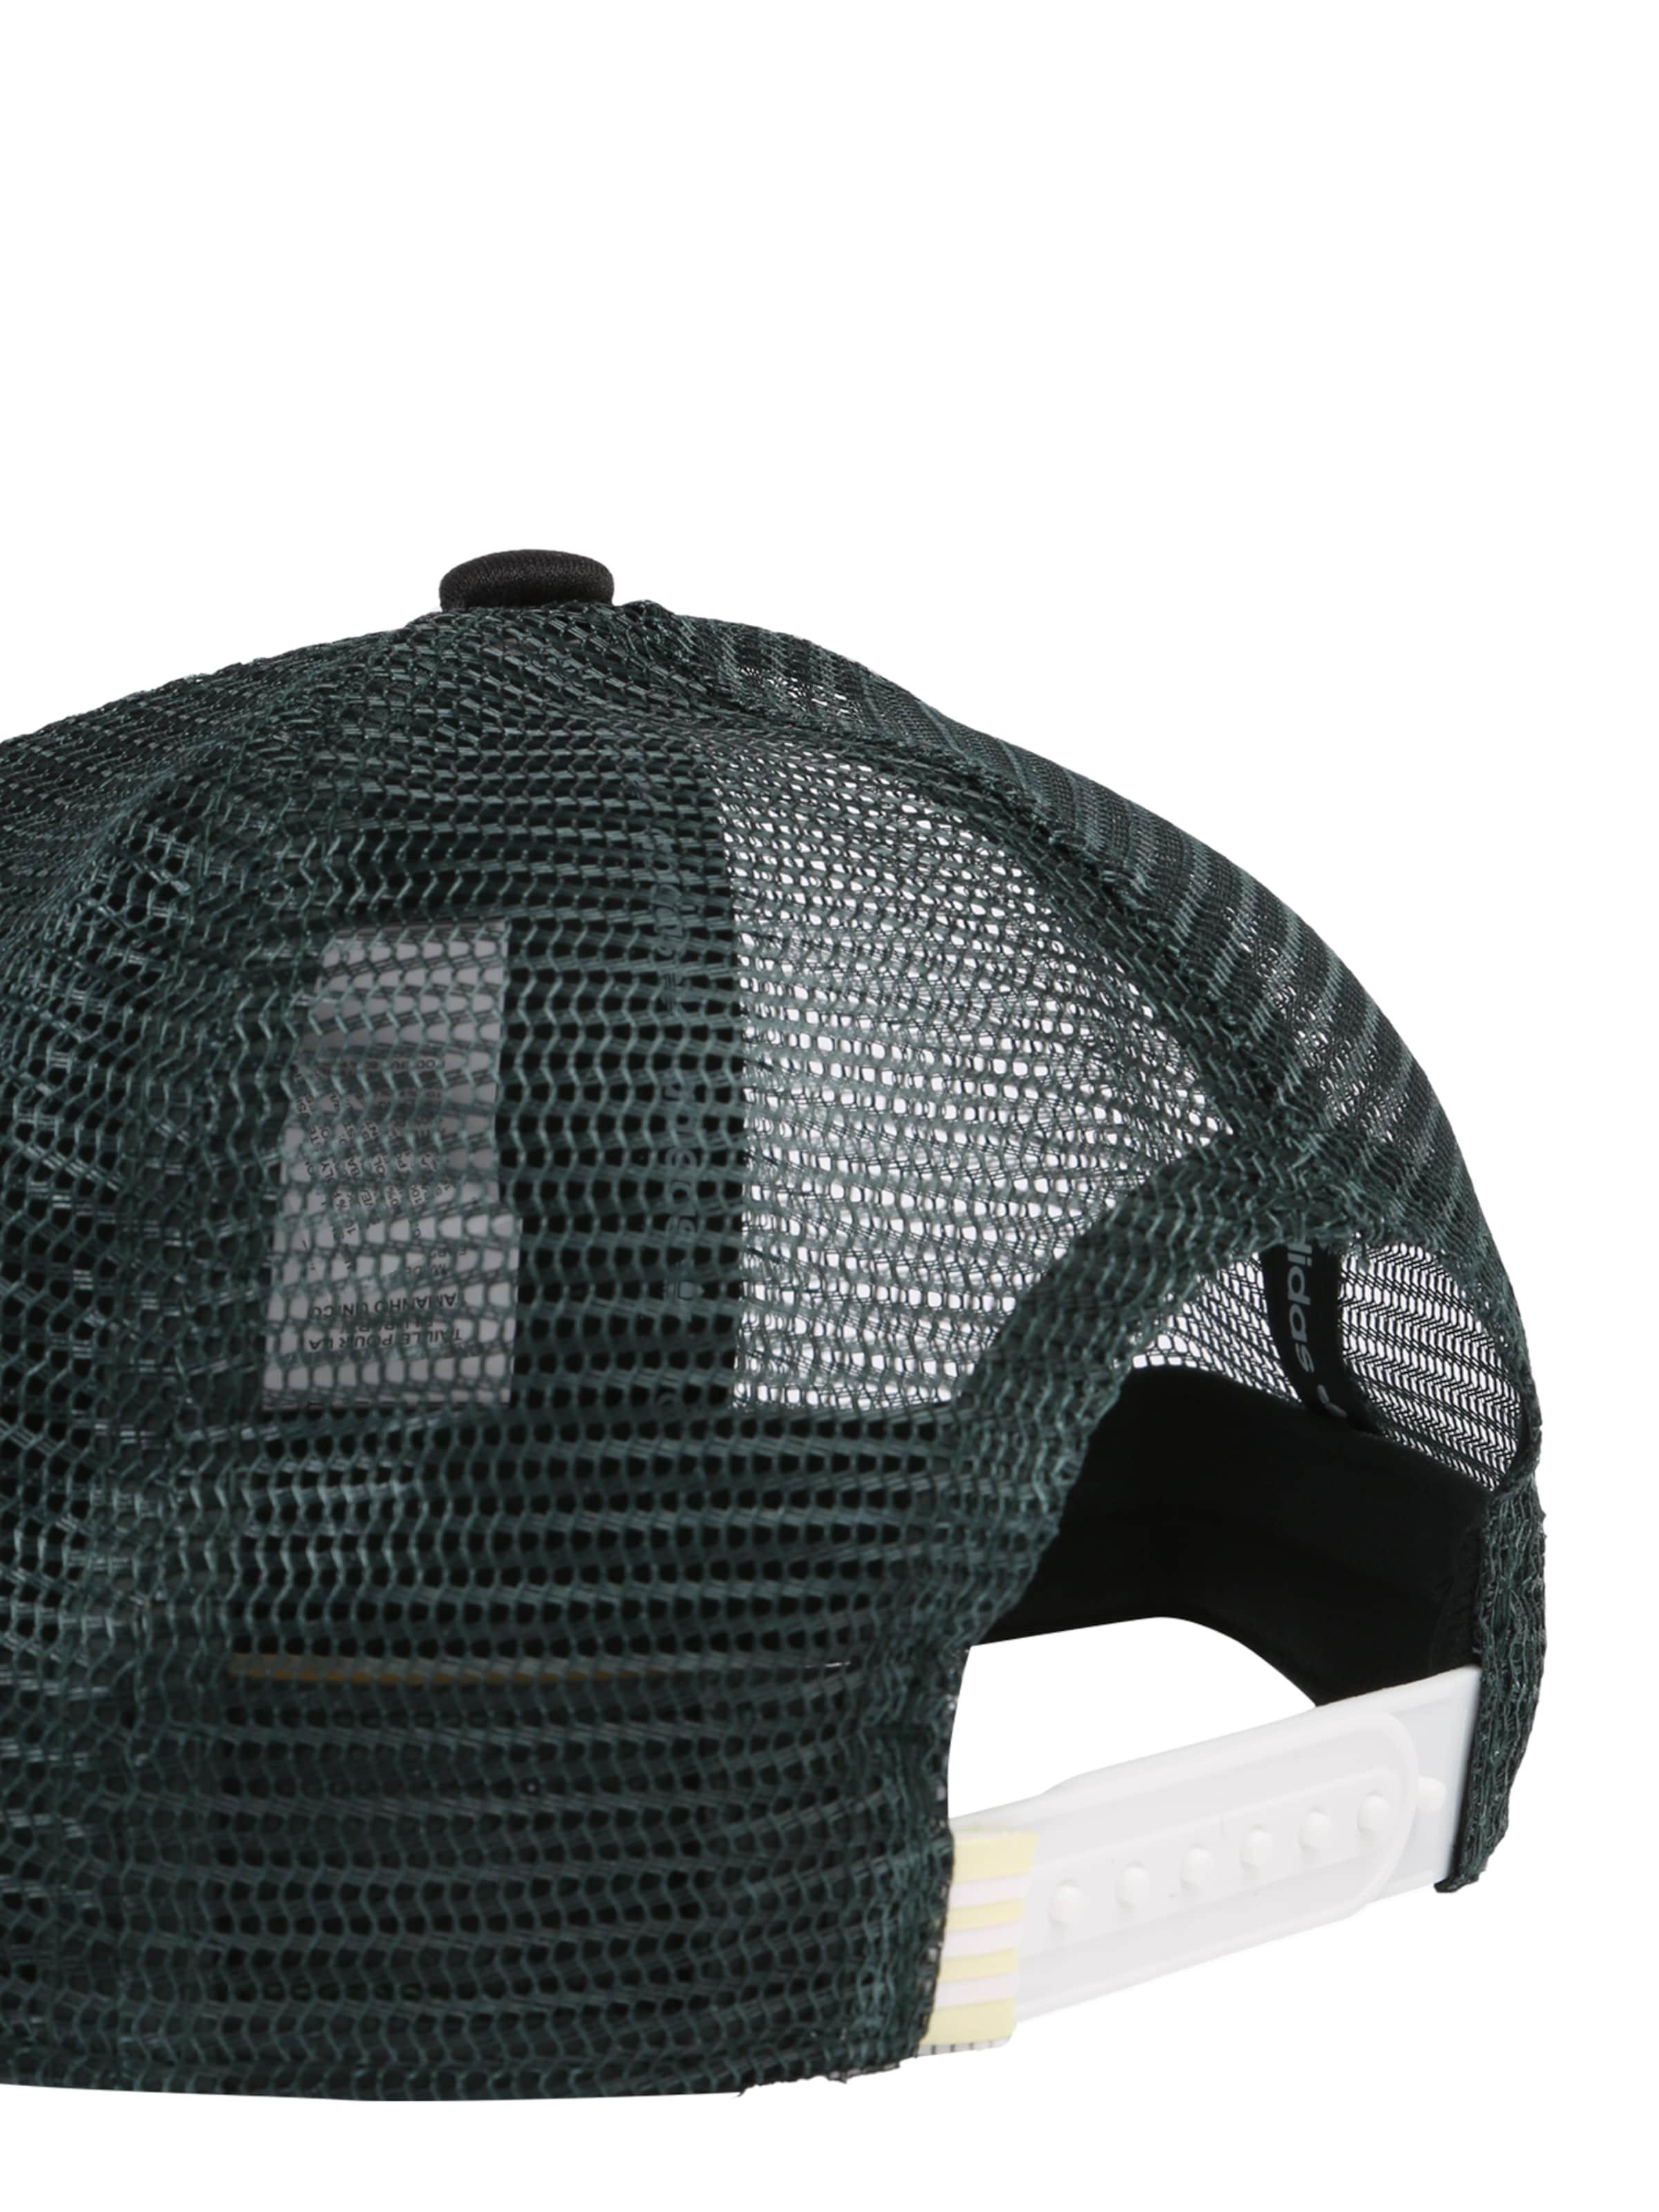 ADIDAS ORIGINALS Cap 'TRUCKER' Freies Verschiffen Wahl Verkauf Sneakernews Neue Ankunft Verkauf Online Günstig Kaufen dMaQkFKugT